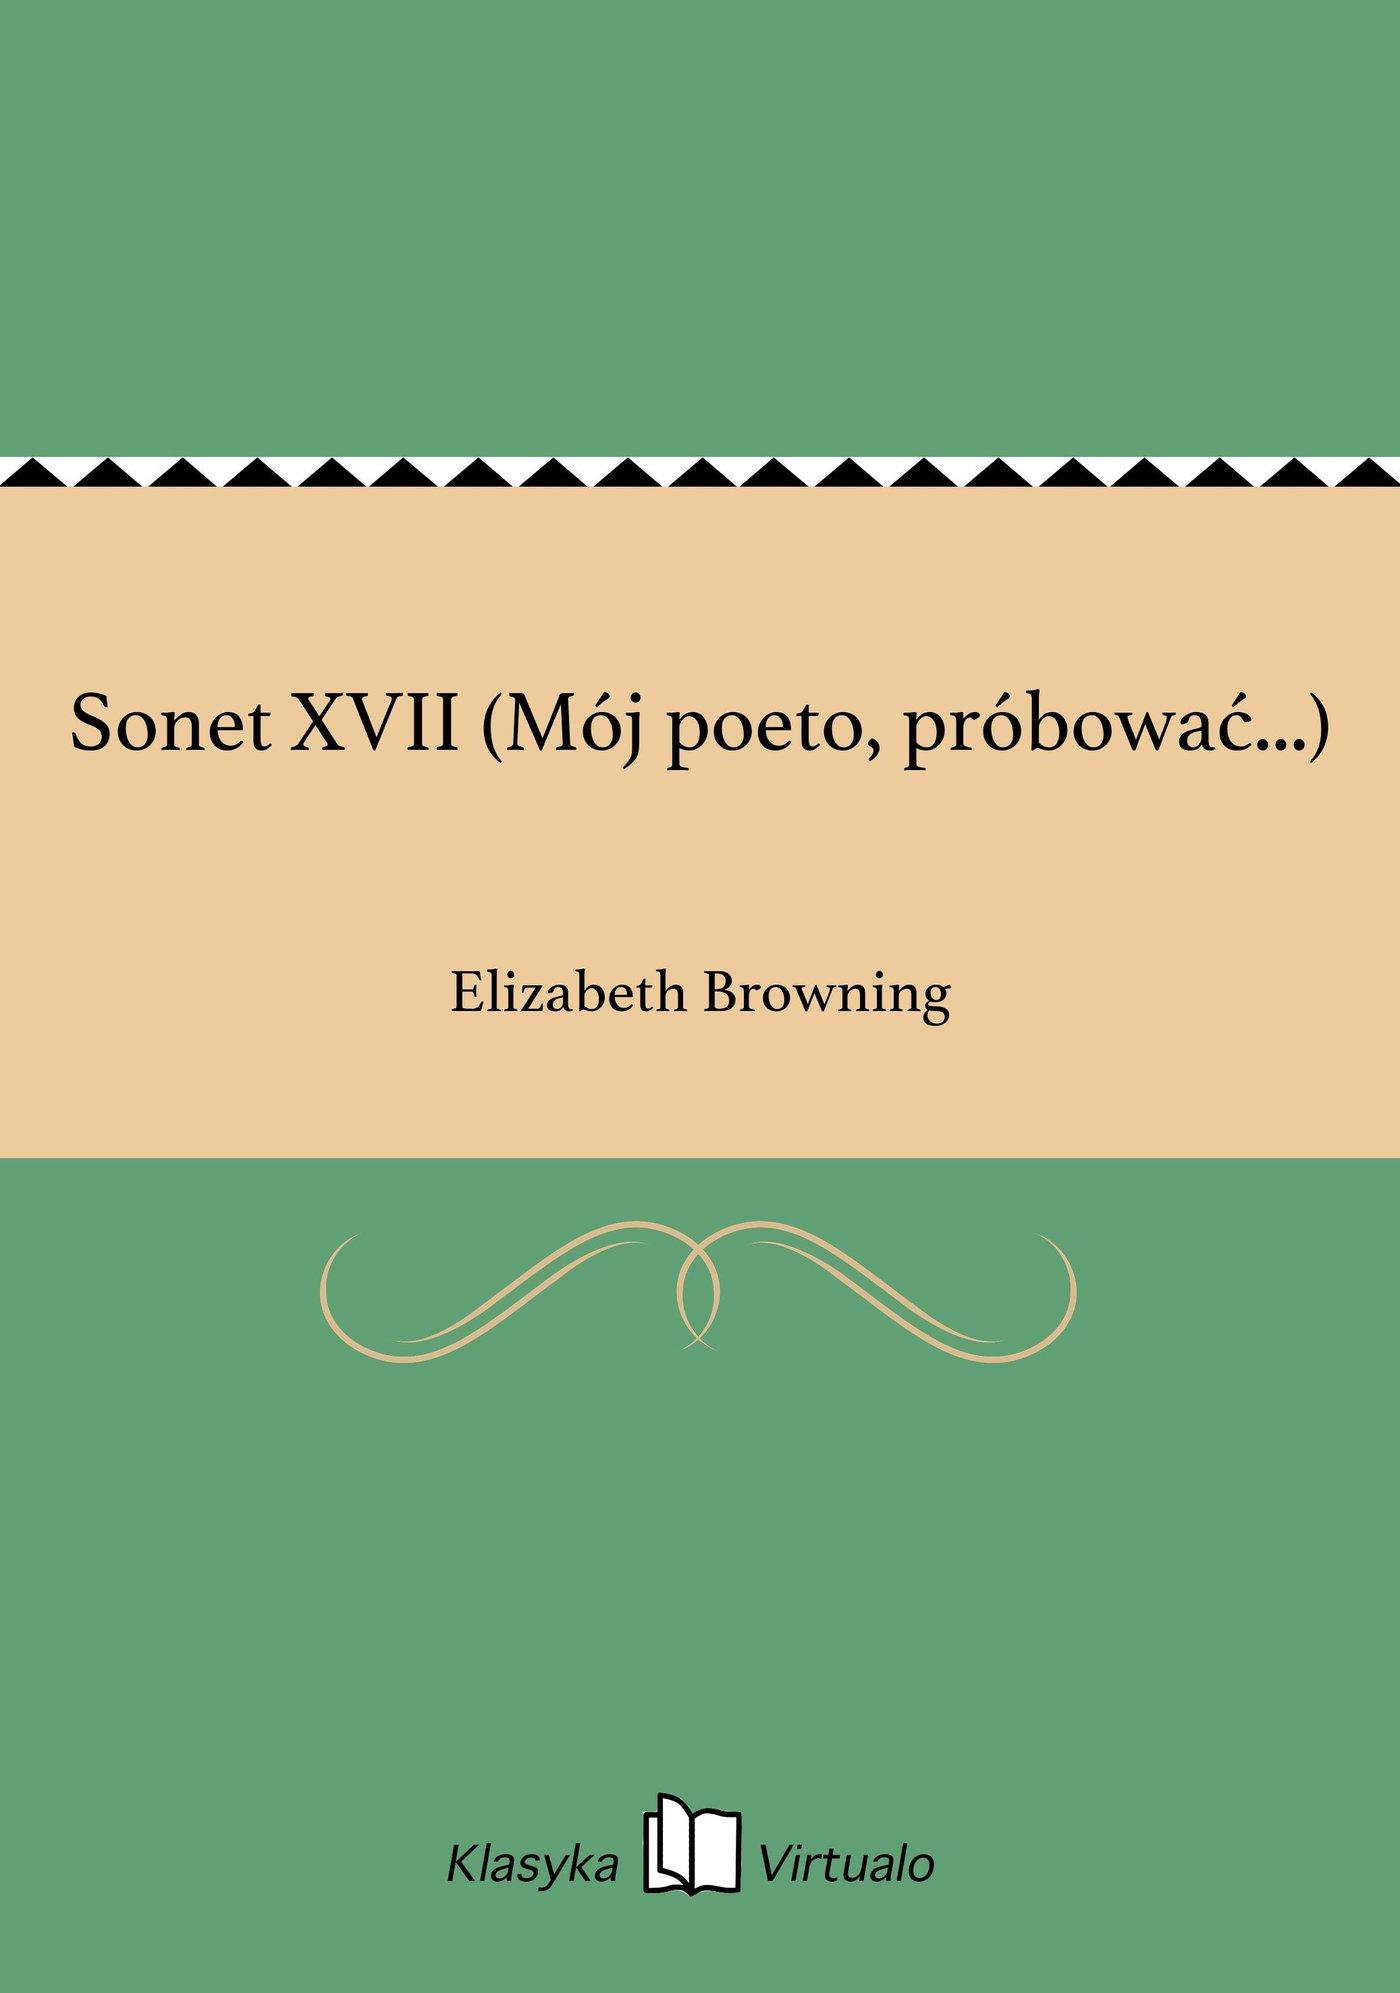 Sonet XVII (Mój poeto, próbować...) - Ebook (Książka na Kindle) do pobrania w formacie MOBI